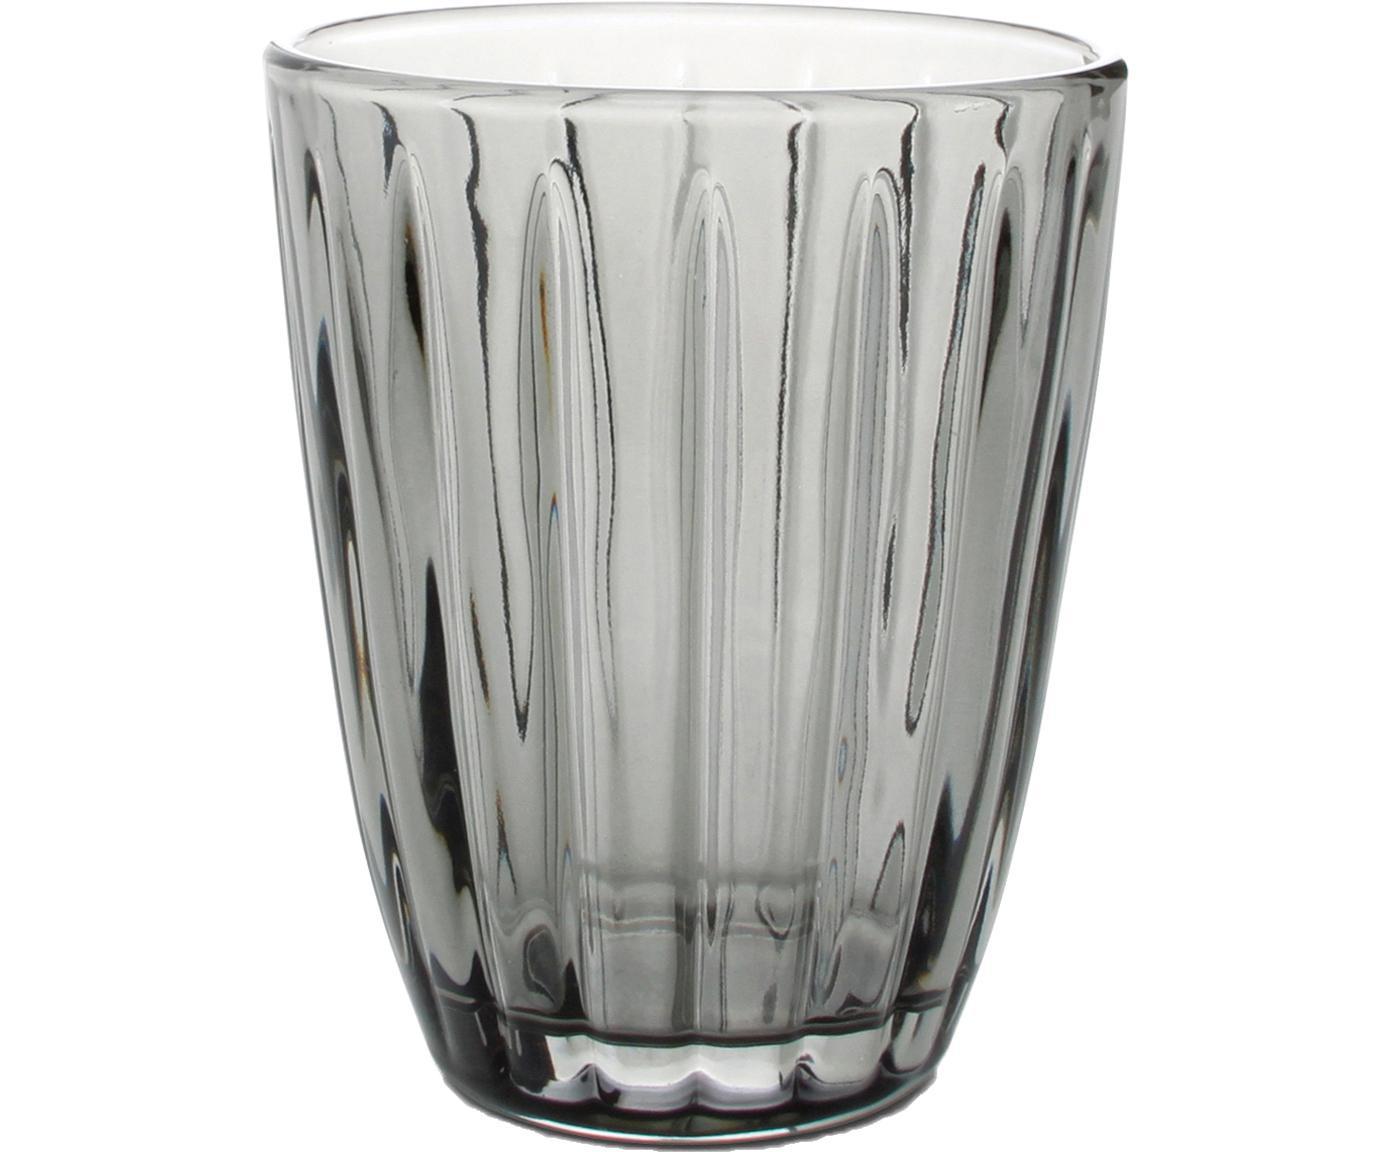 Wassergläser Zefir mit Relief, 4er-Set, Glas, Grau, Ø 8 x H 10 cm